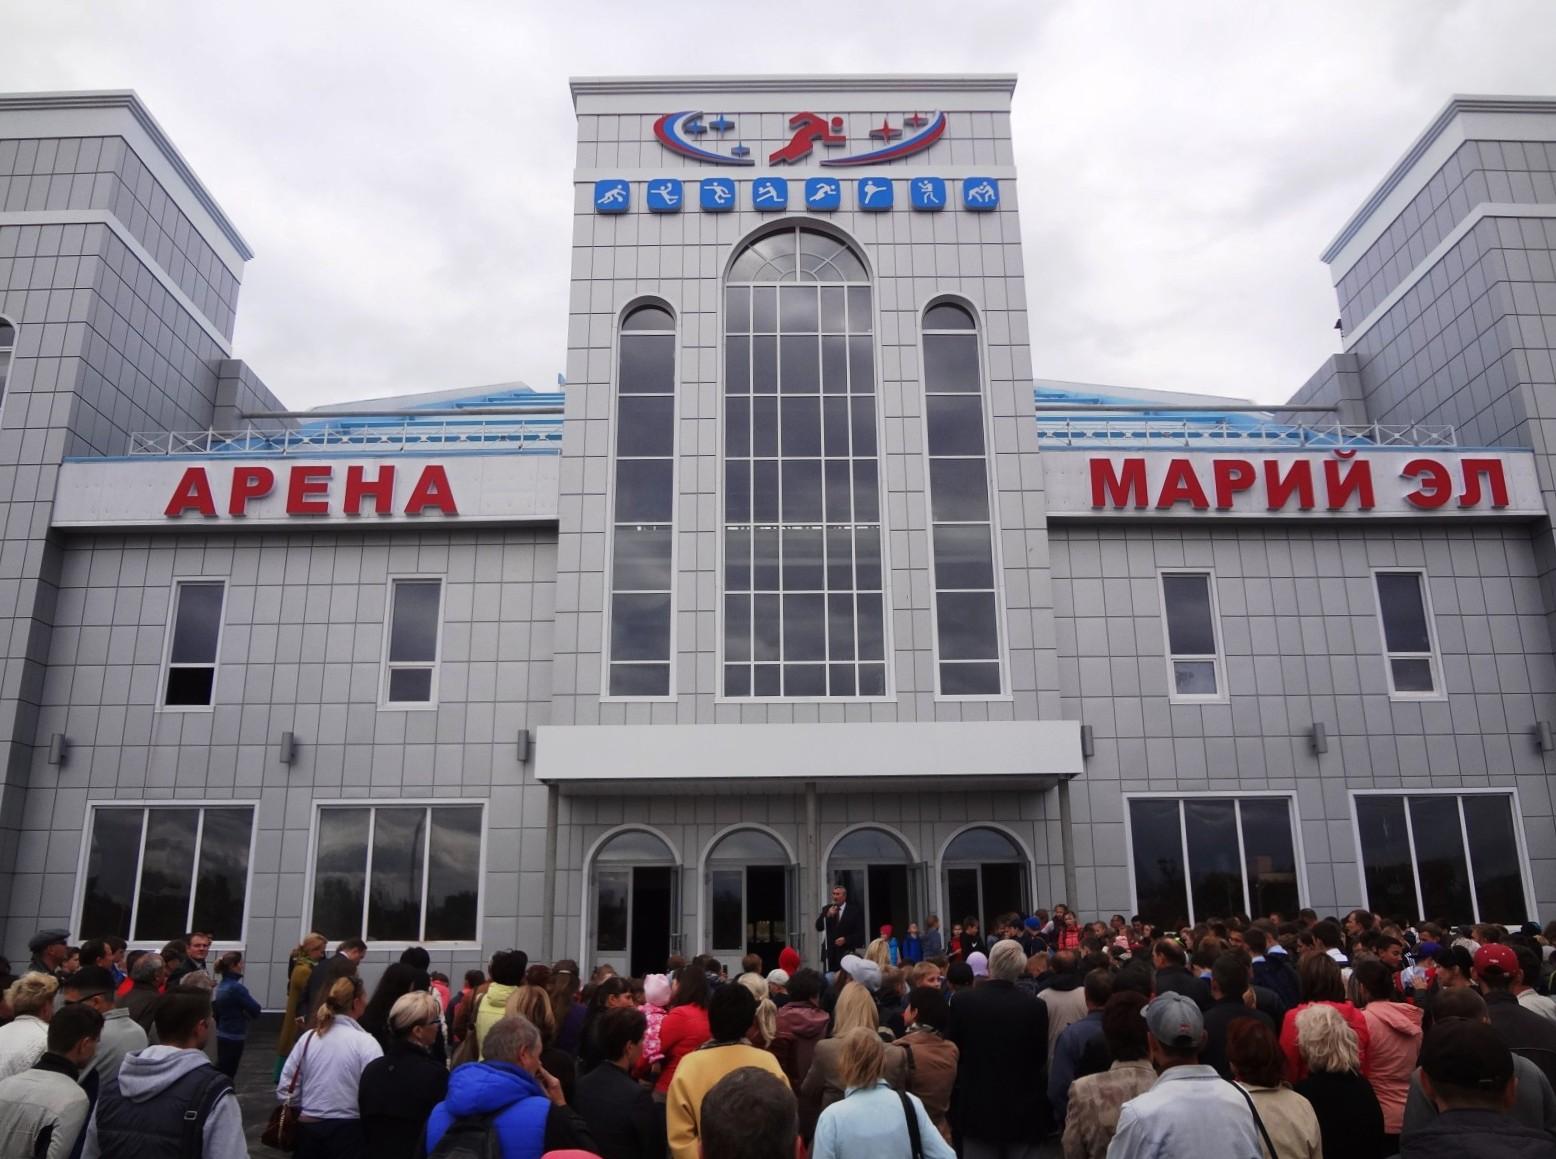 Открытие спорткомплекса Арена Марий-Эл